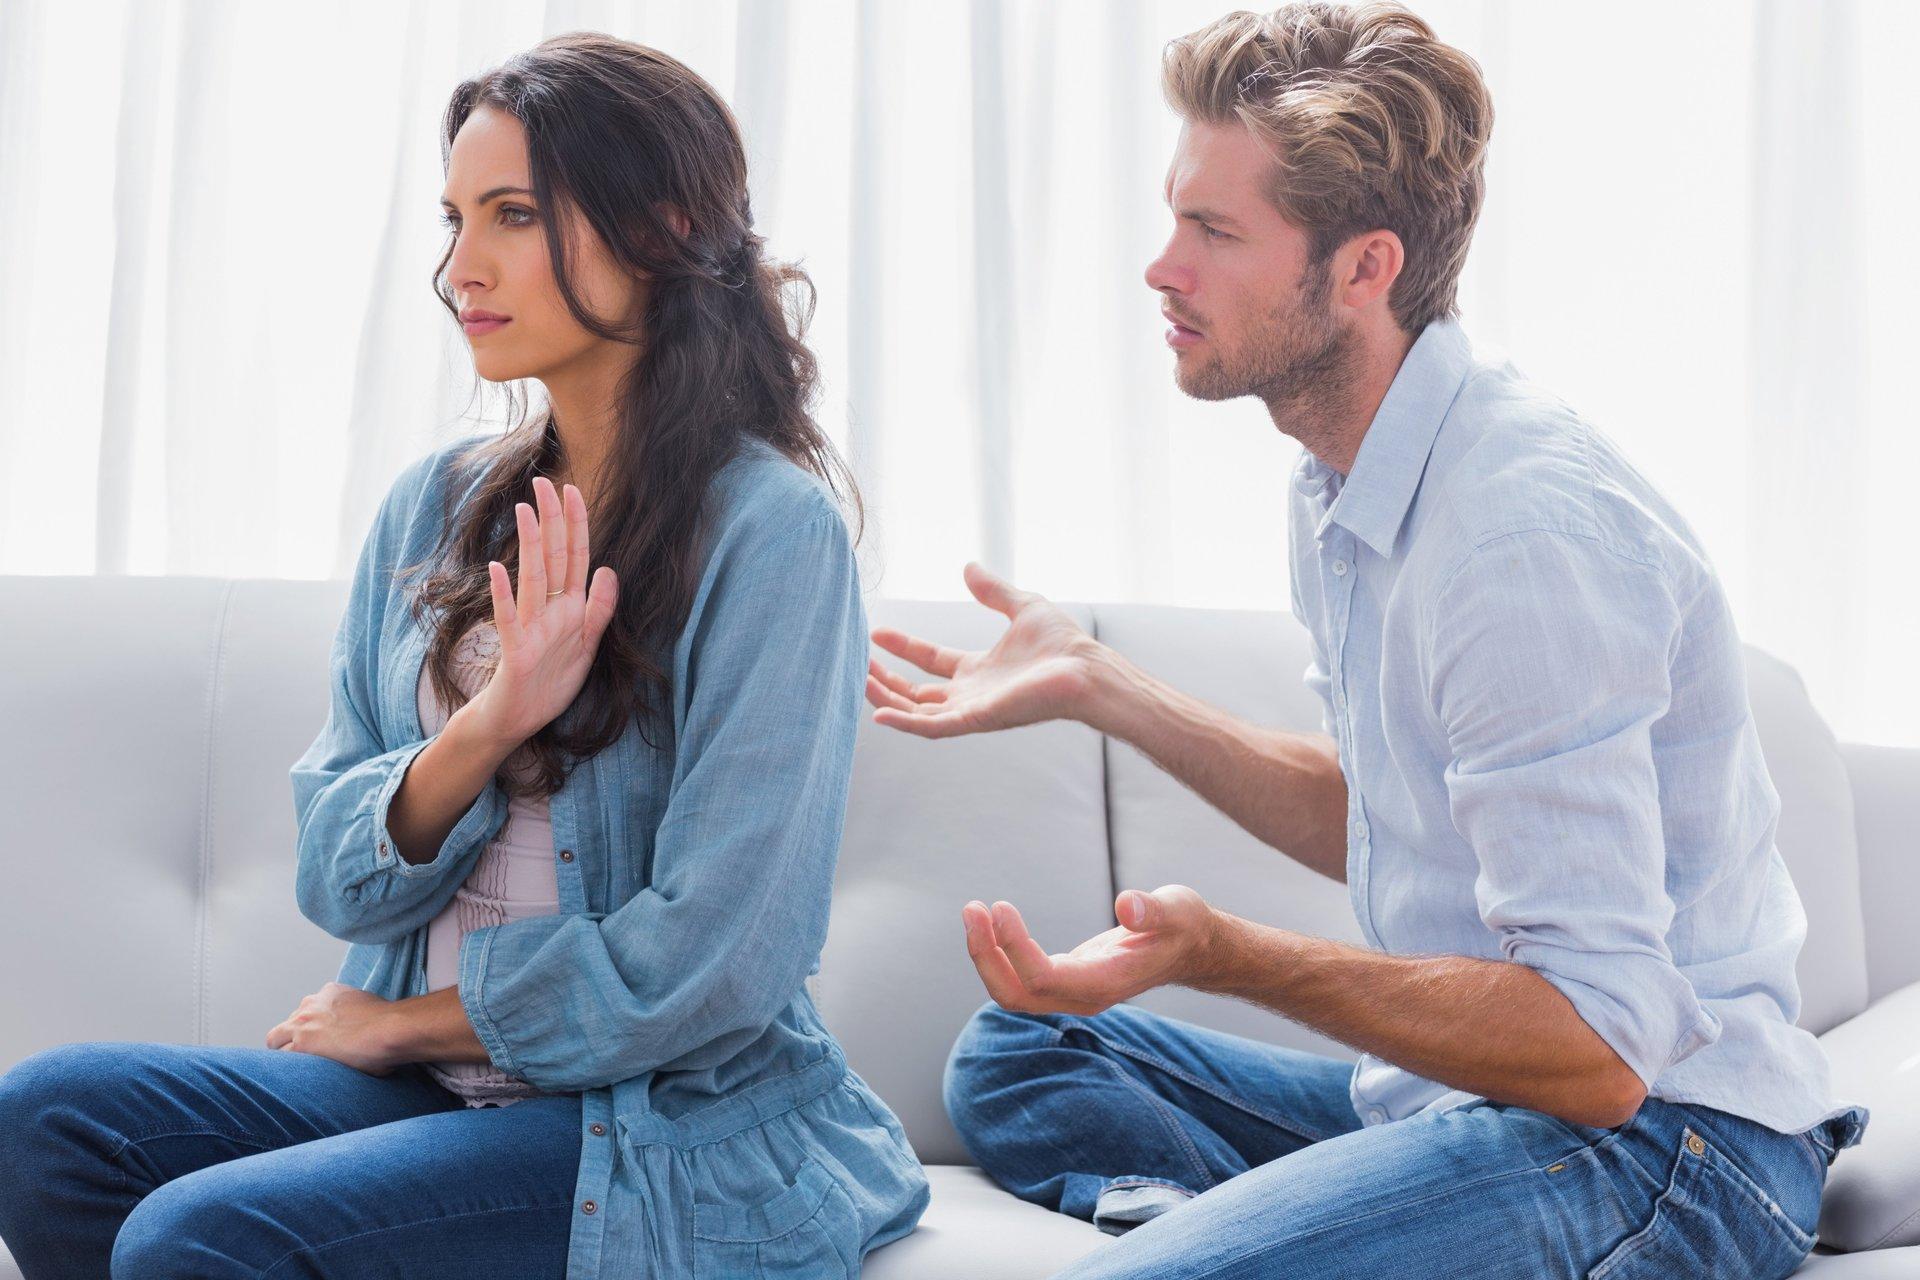 Главные ошибки мужчин в отношениях, которых должны избегать - 1